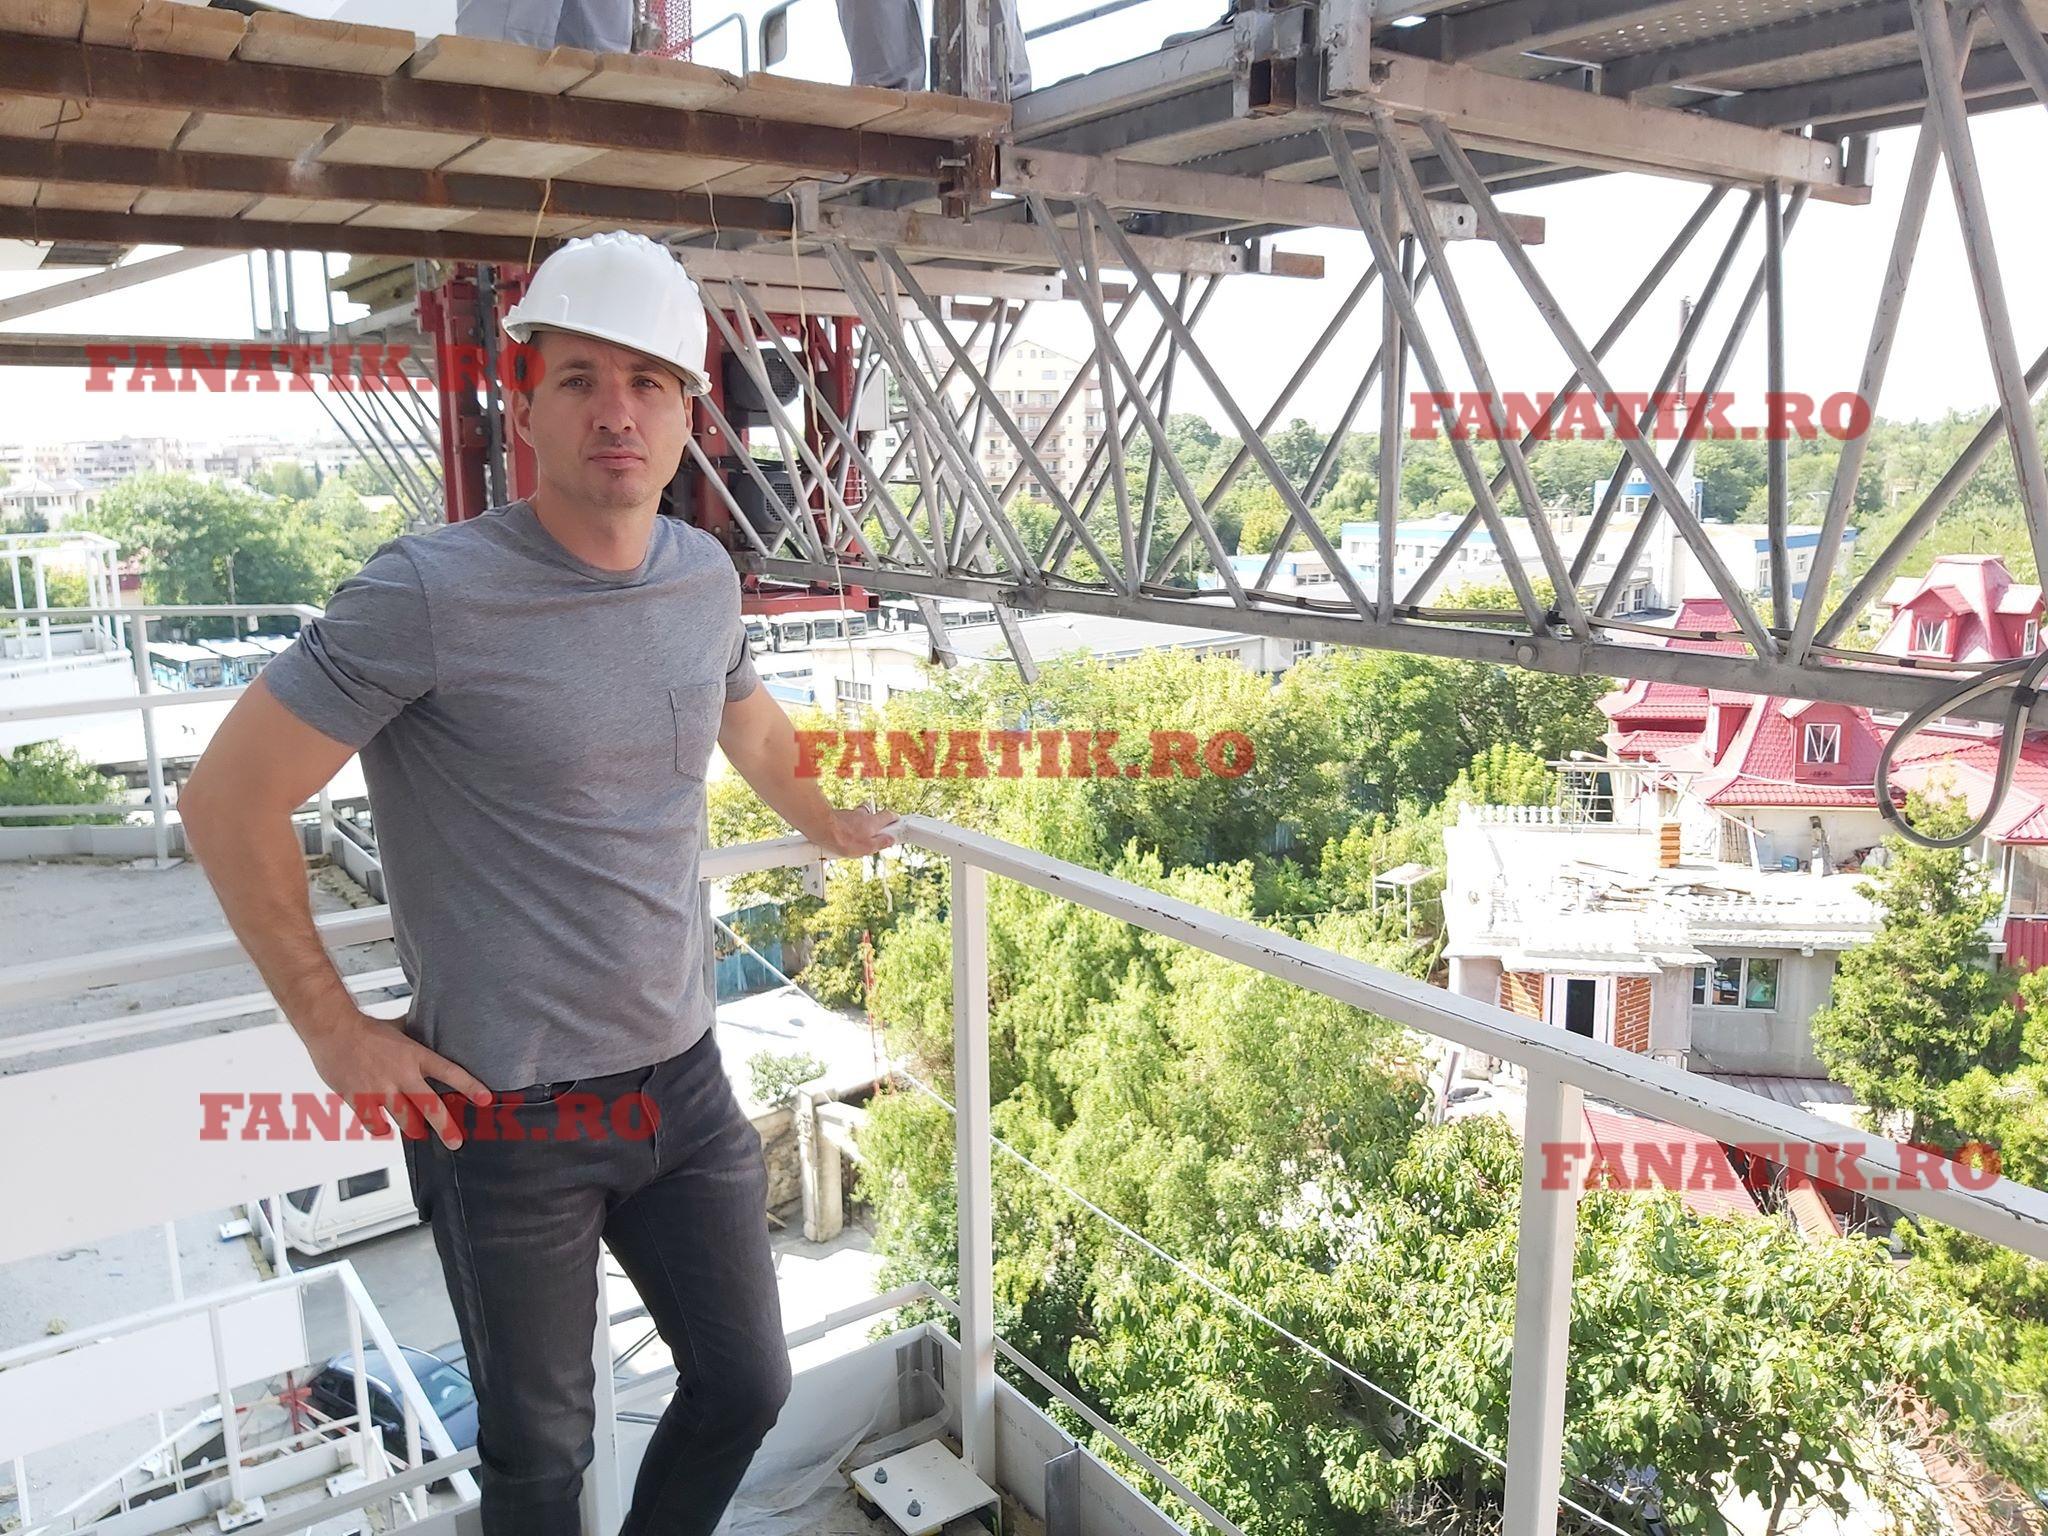 Șeful lui nea Mitică fost la Ligă! Fiul lui Dumitru Dragomir, un om de afaceri prosper: